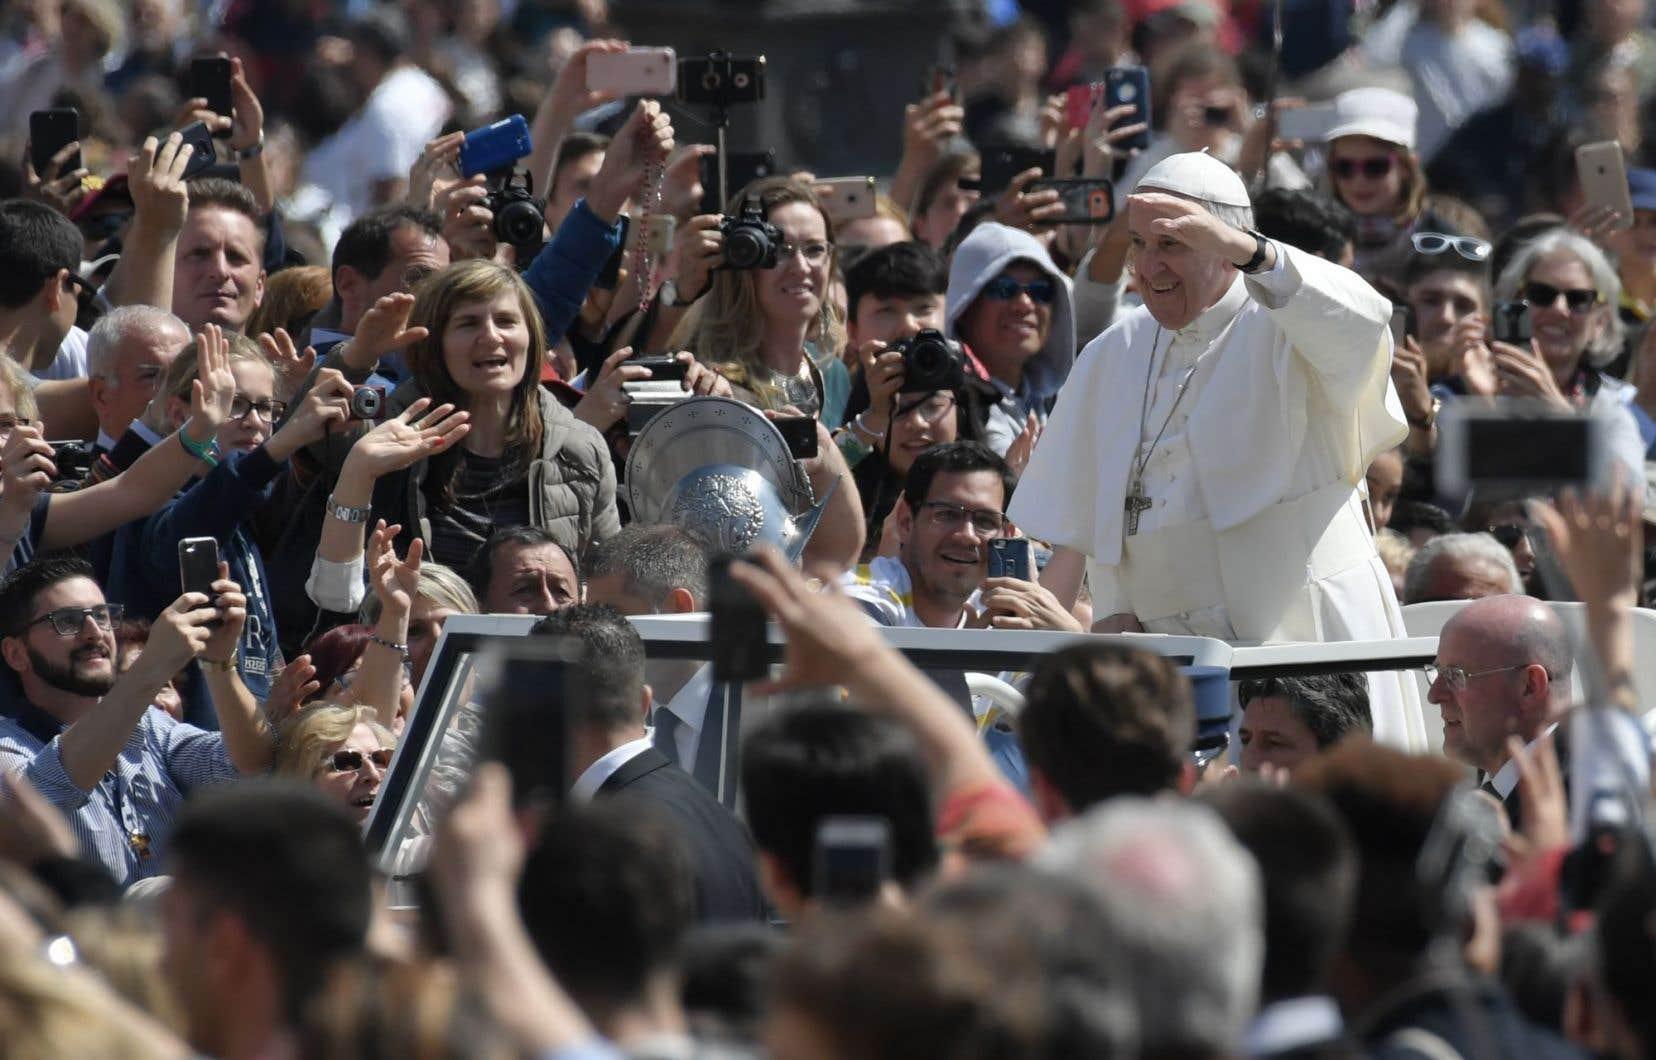 Devant 60 000 fidèles rassemblés place Saint-Pierre, le papeFrançois a réclamé l'aide de Dieu pour en finir avec les conflits et les guerres dans le monde.